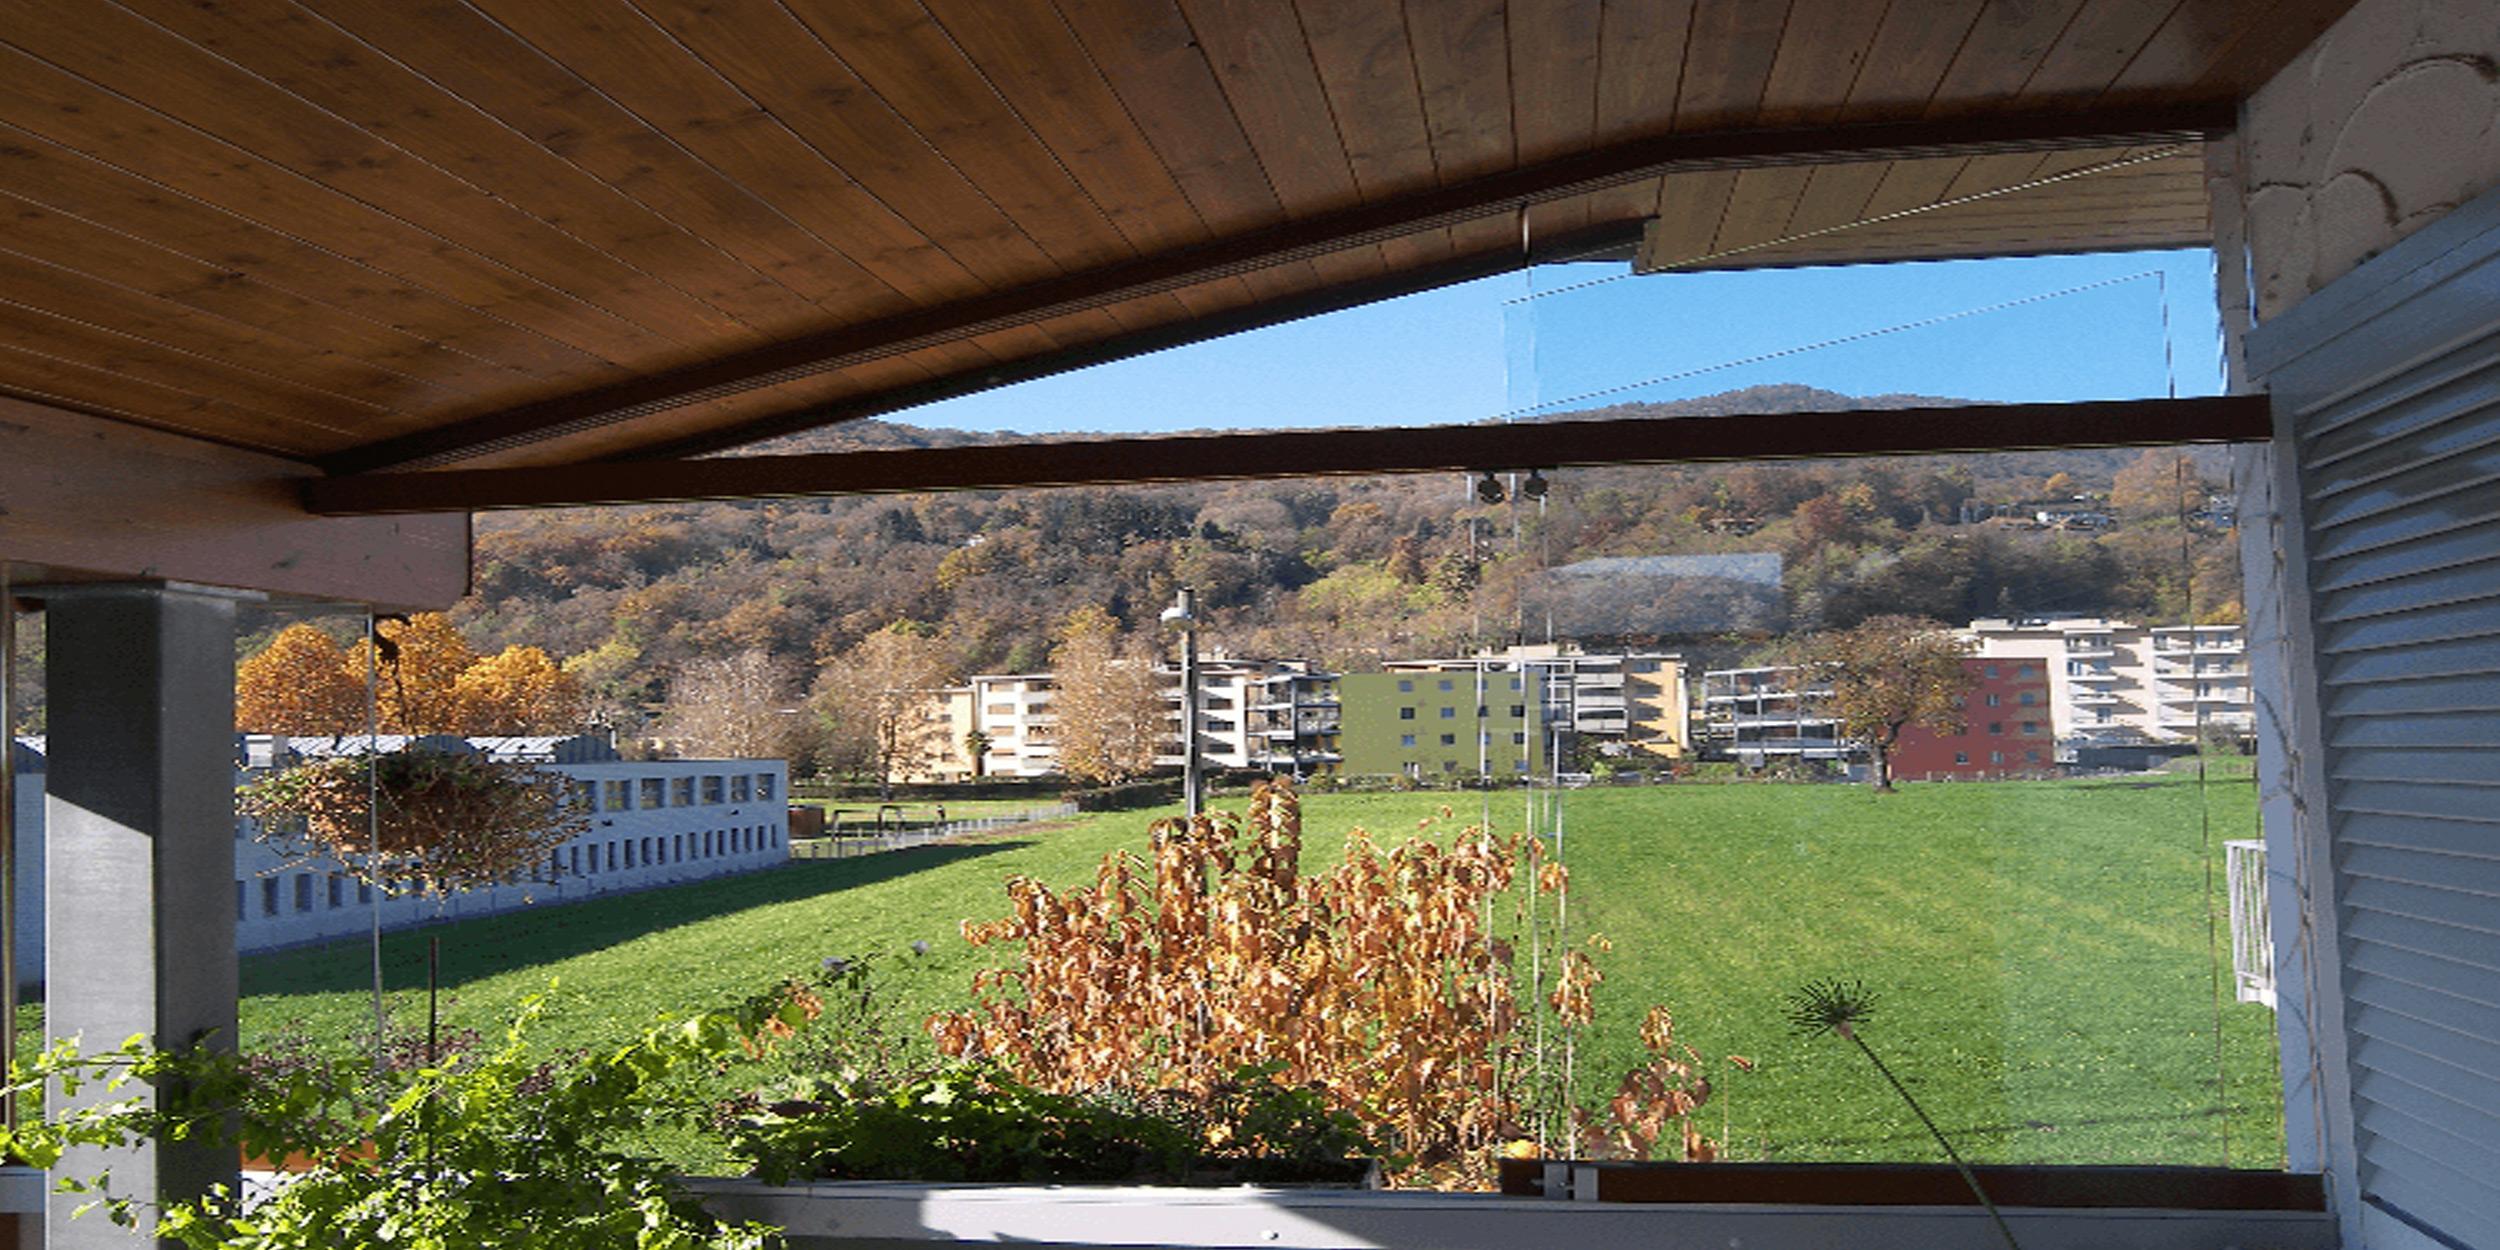 Vendita vetrate panoramiche scorrevoli per verande dehor - Verande su terrazzi ...